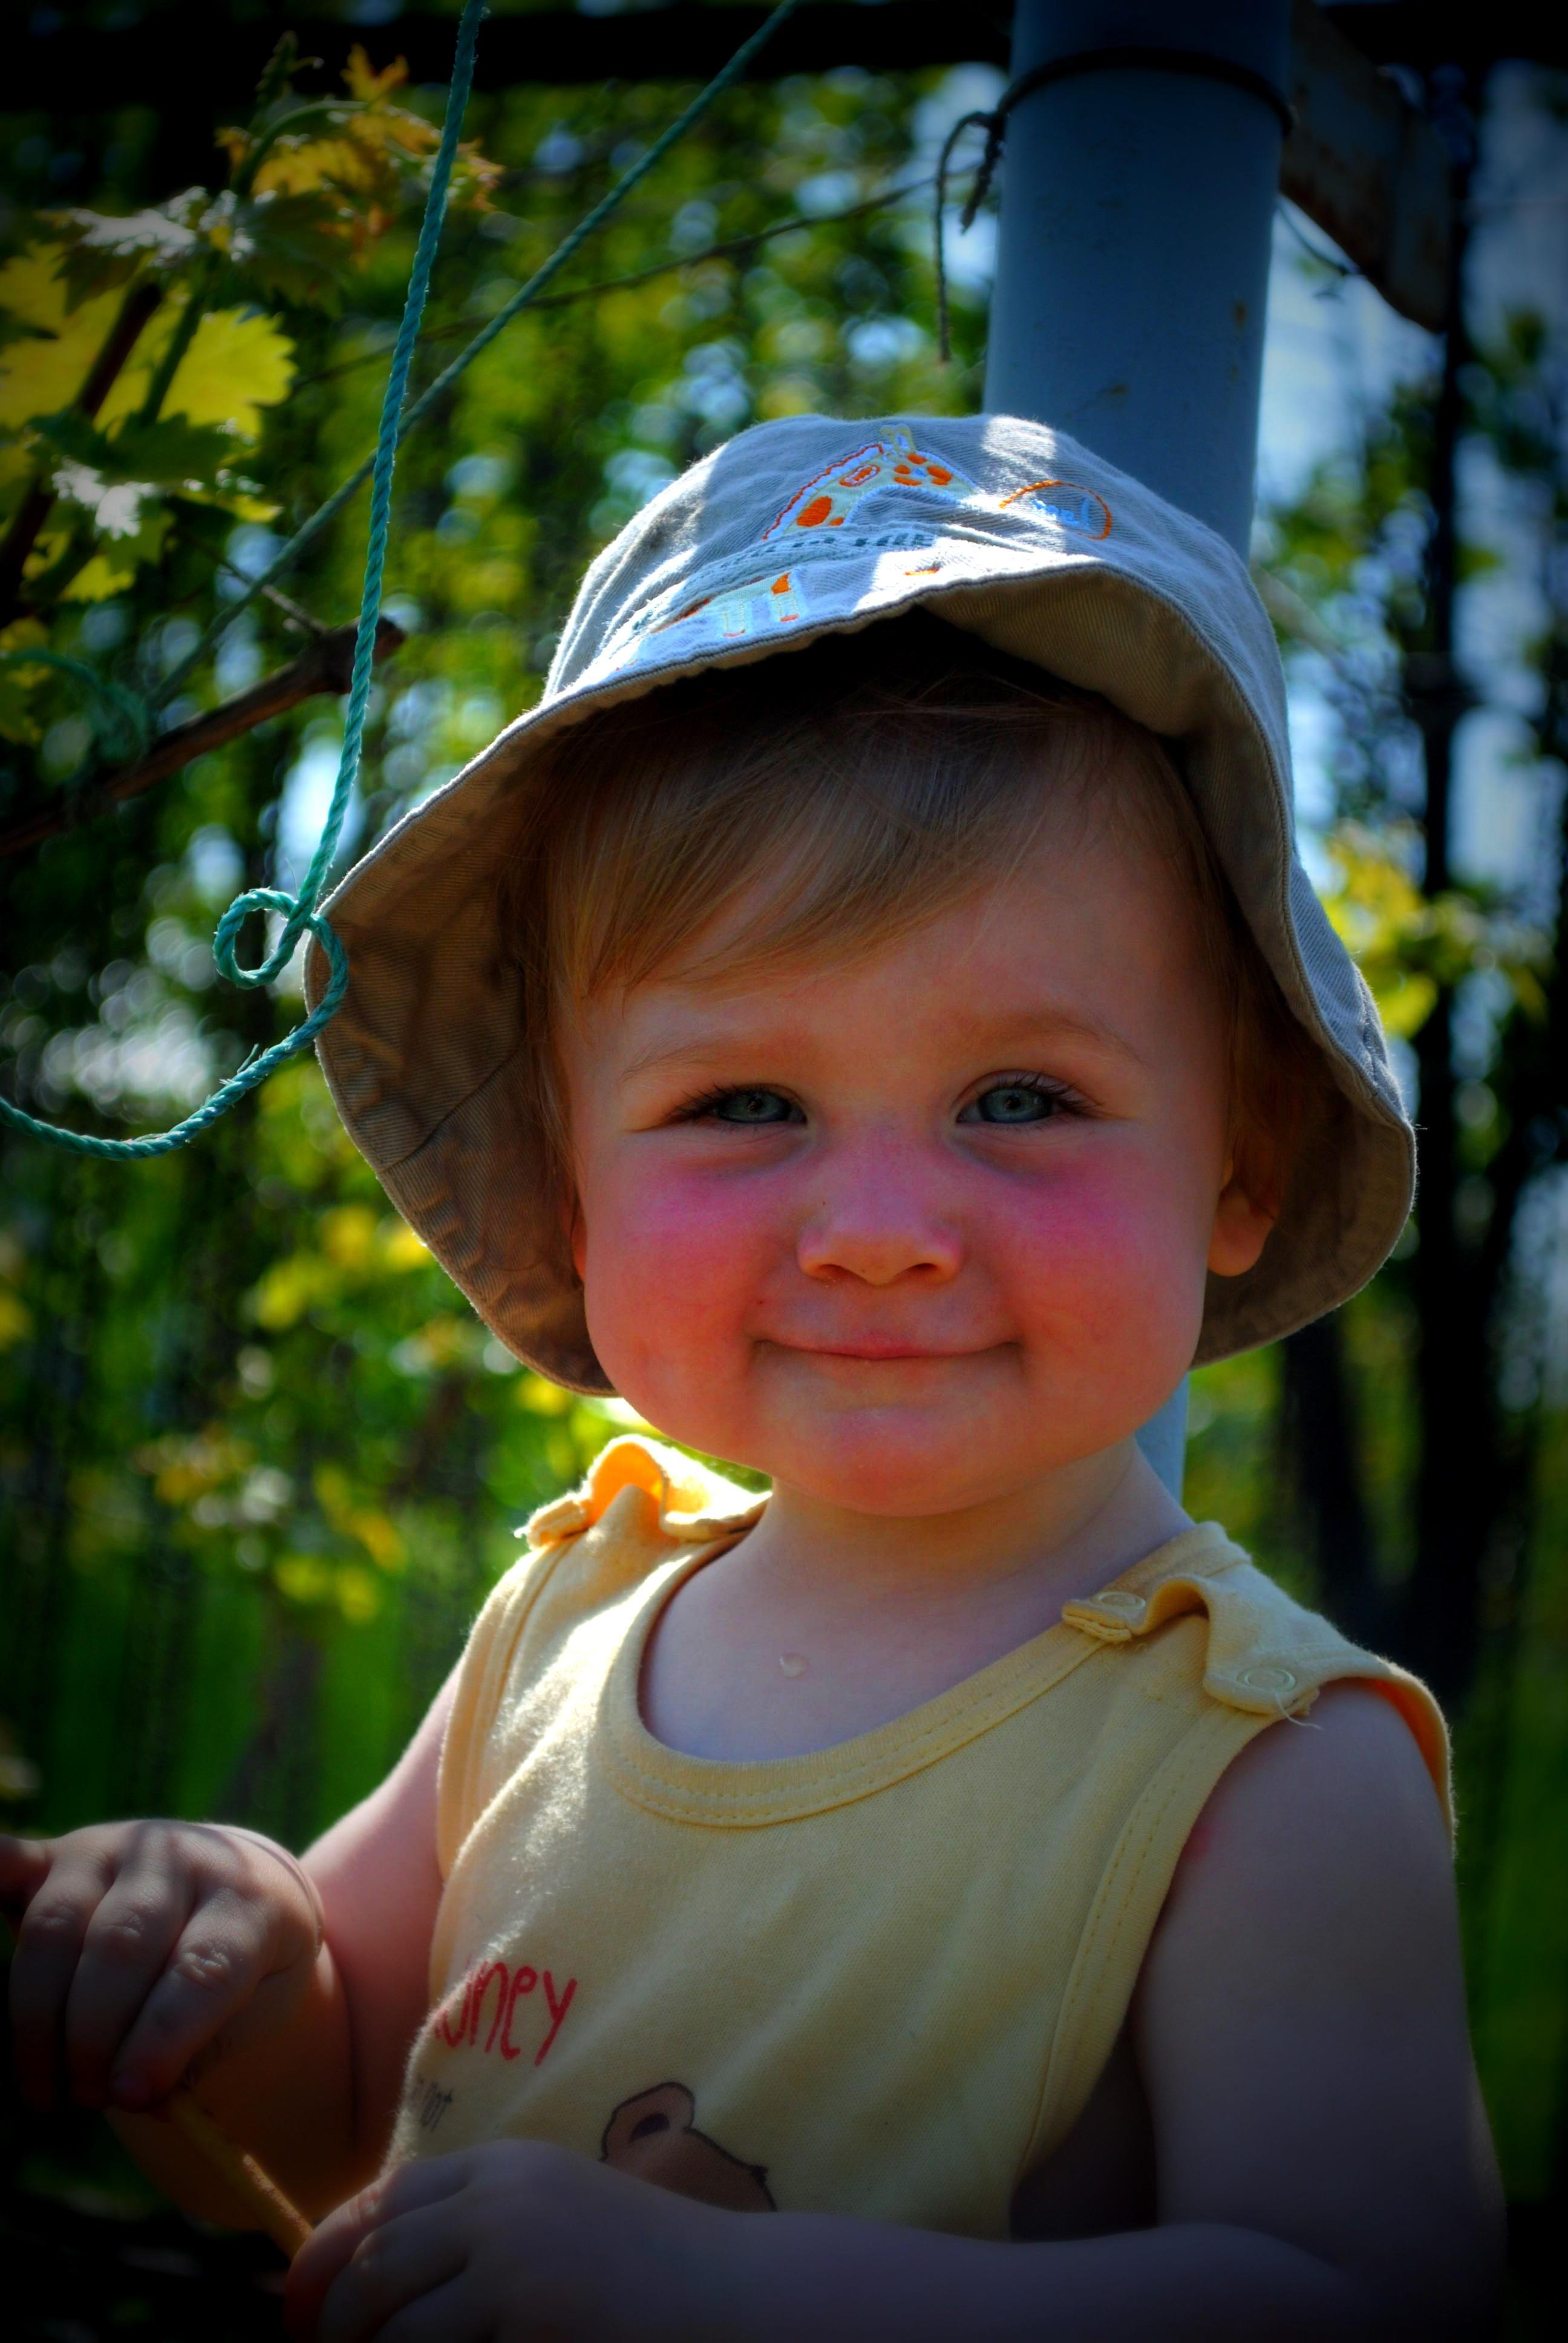 Улыбнись и будет тебе счастье.... От улыбки хмурый день светлей!